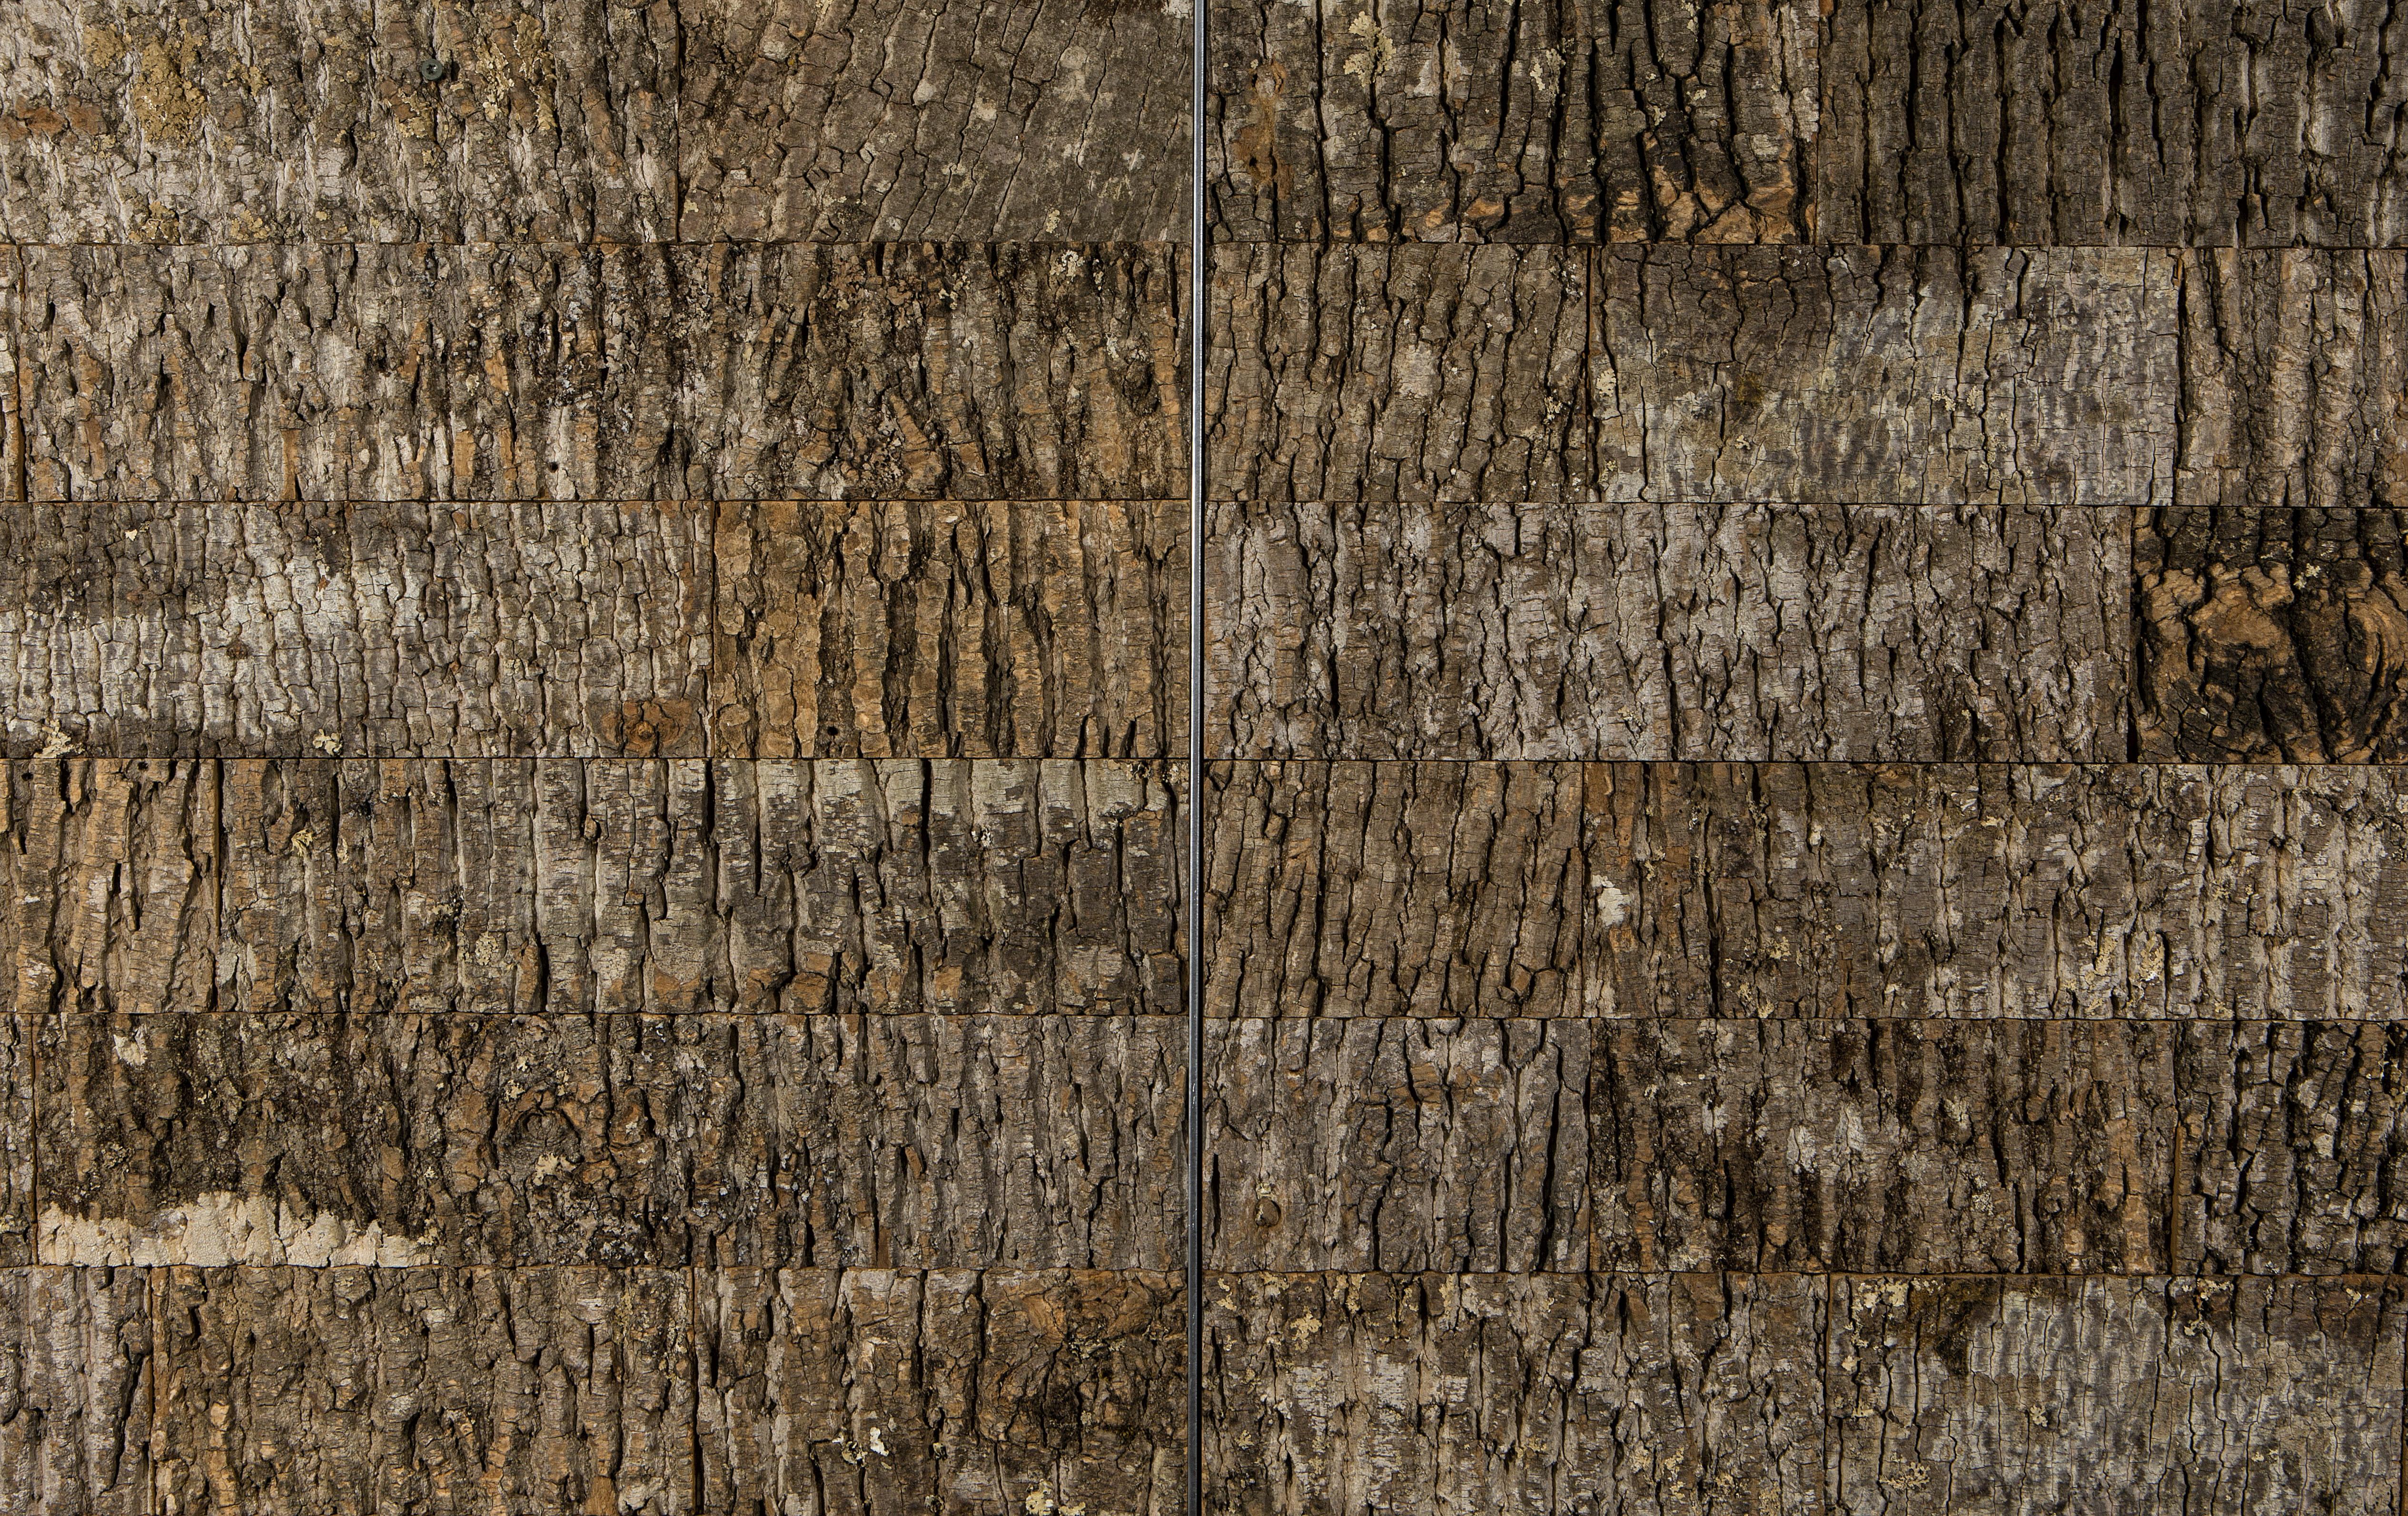 03 Bark House Subway Tile Wall Panels in Poplar - divider | Bark House